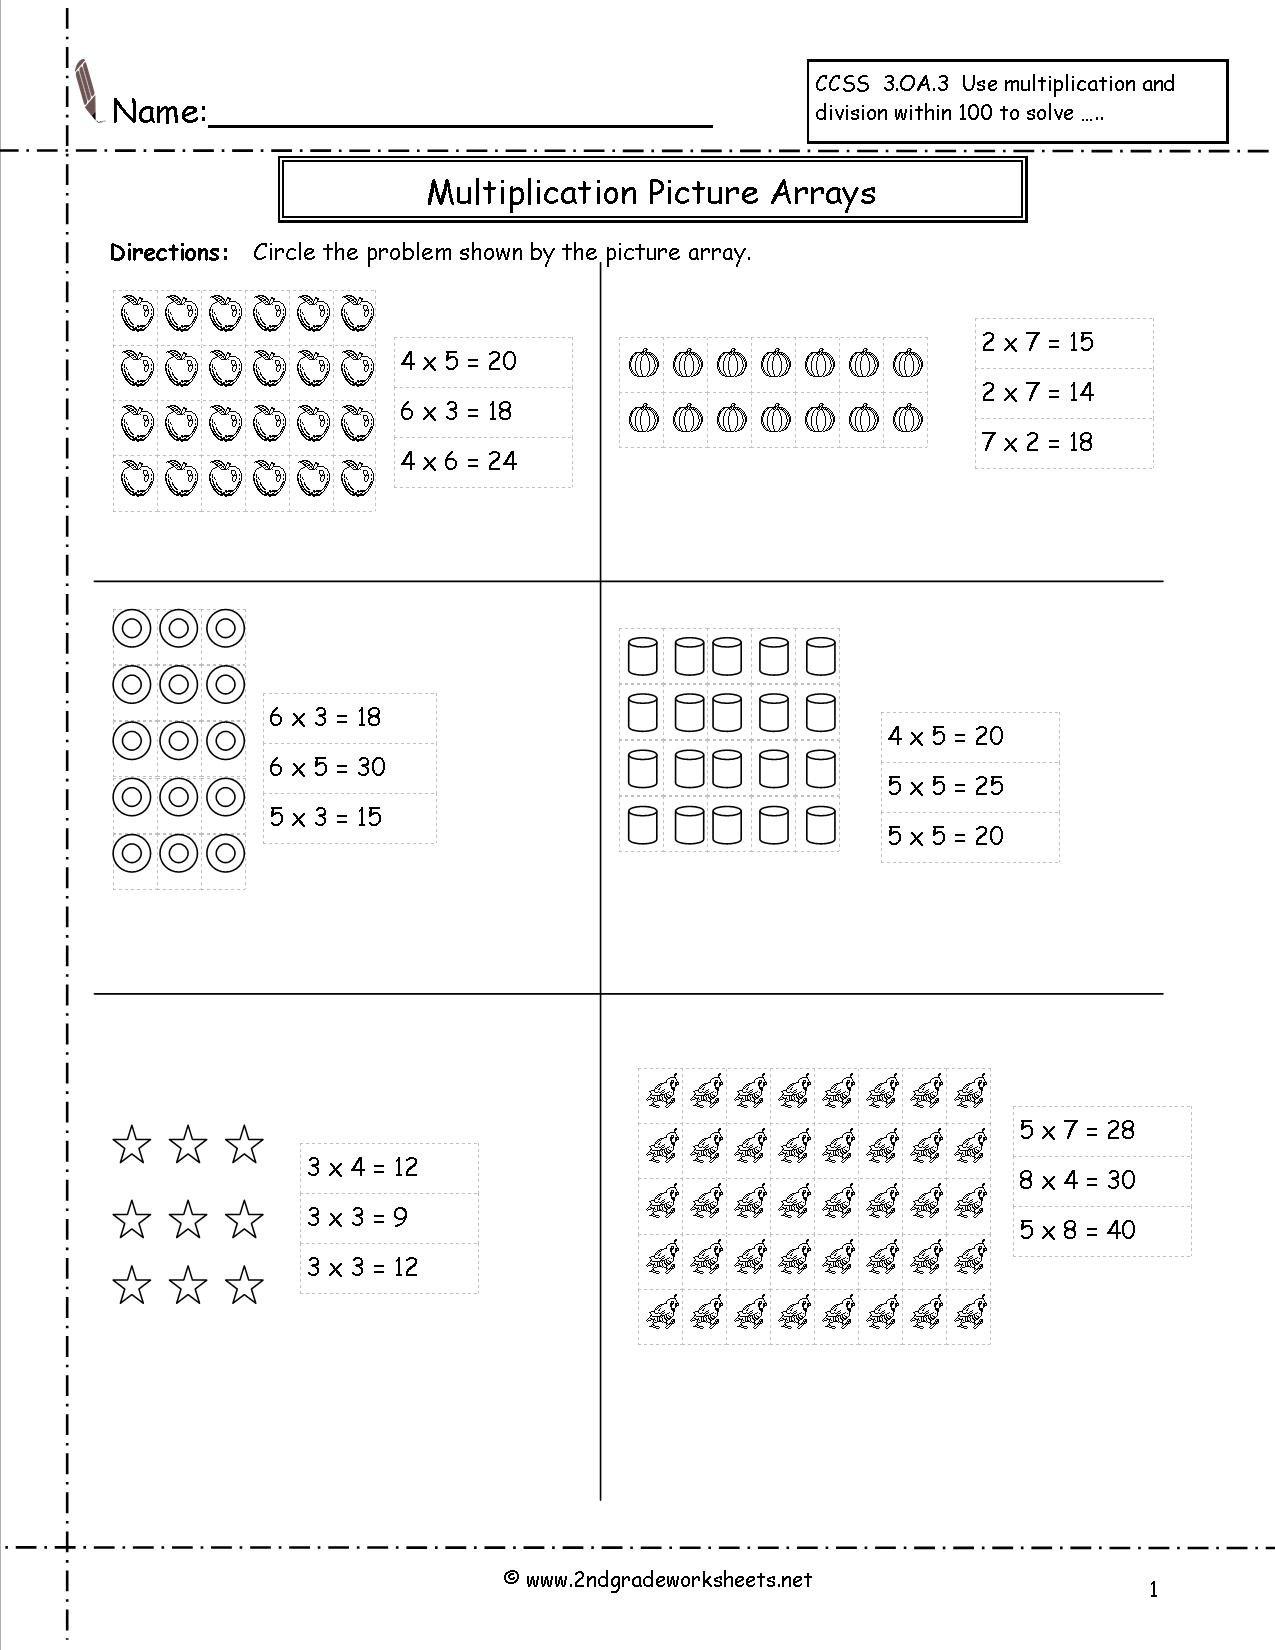 Multiplication Array Worksheets Grade 3 The Best Worksheets Image